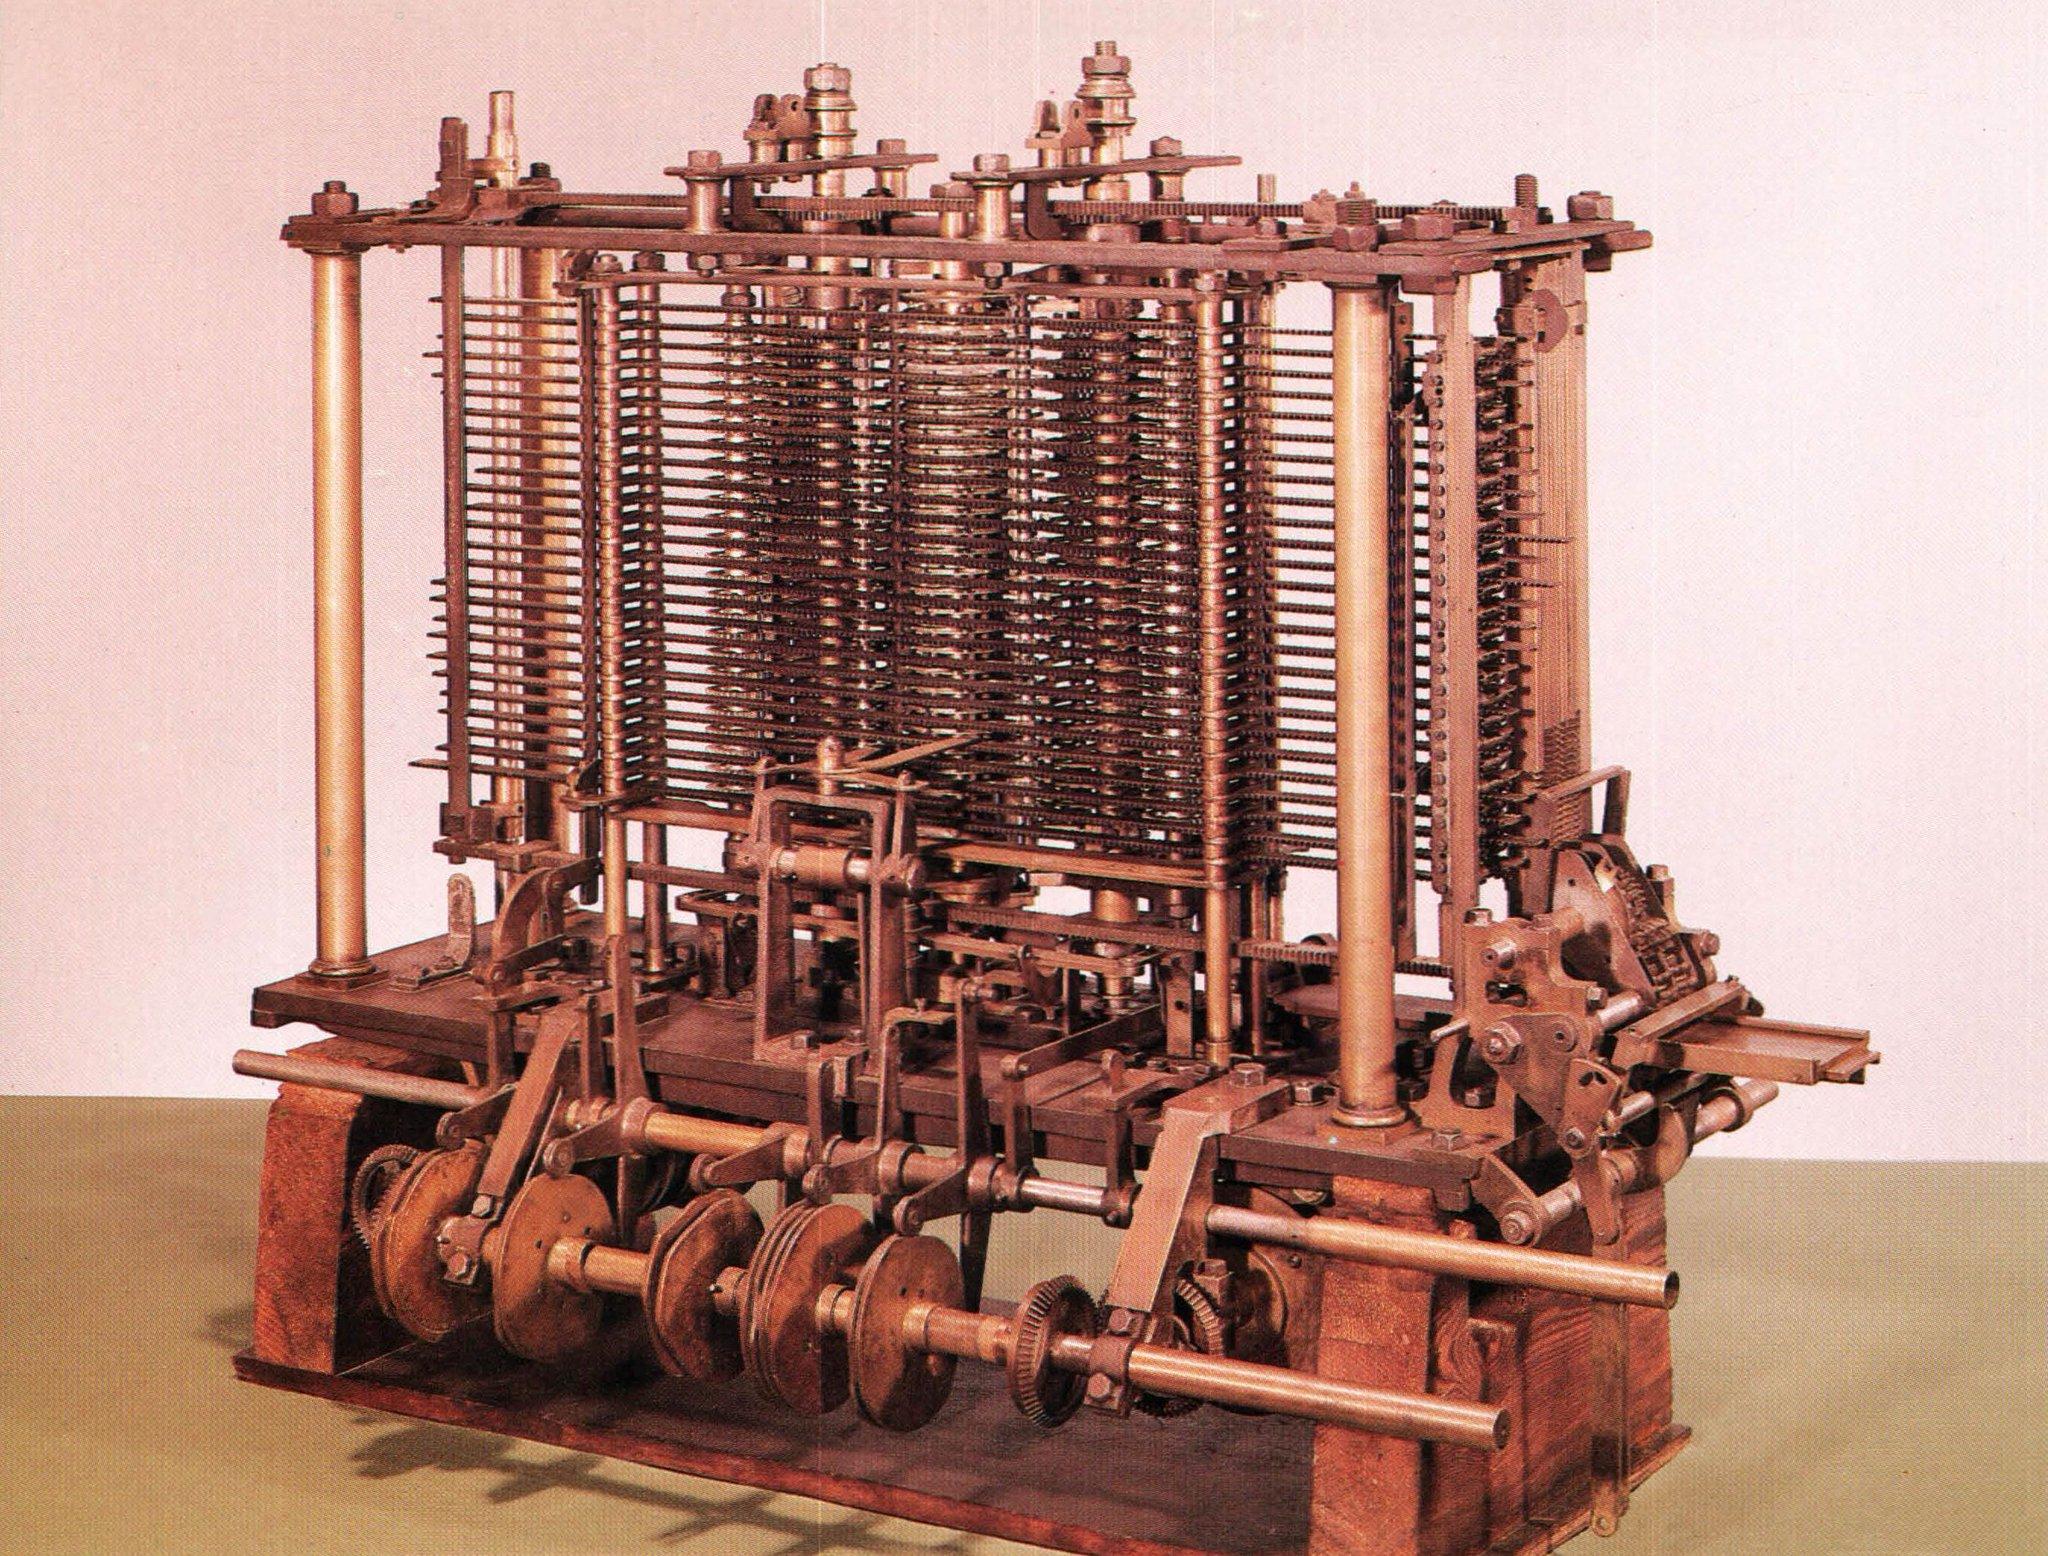 """Poco después empezó a diseñar teóricamente una máquina que fuera capaz de hacer cosas más generales. La """"Máquina Analítica"""". https://t.co/aUNVQgWVpy"""